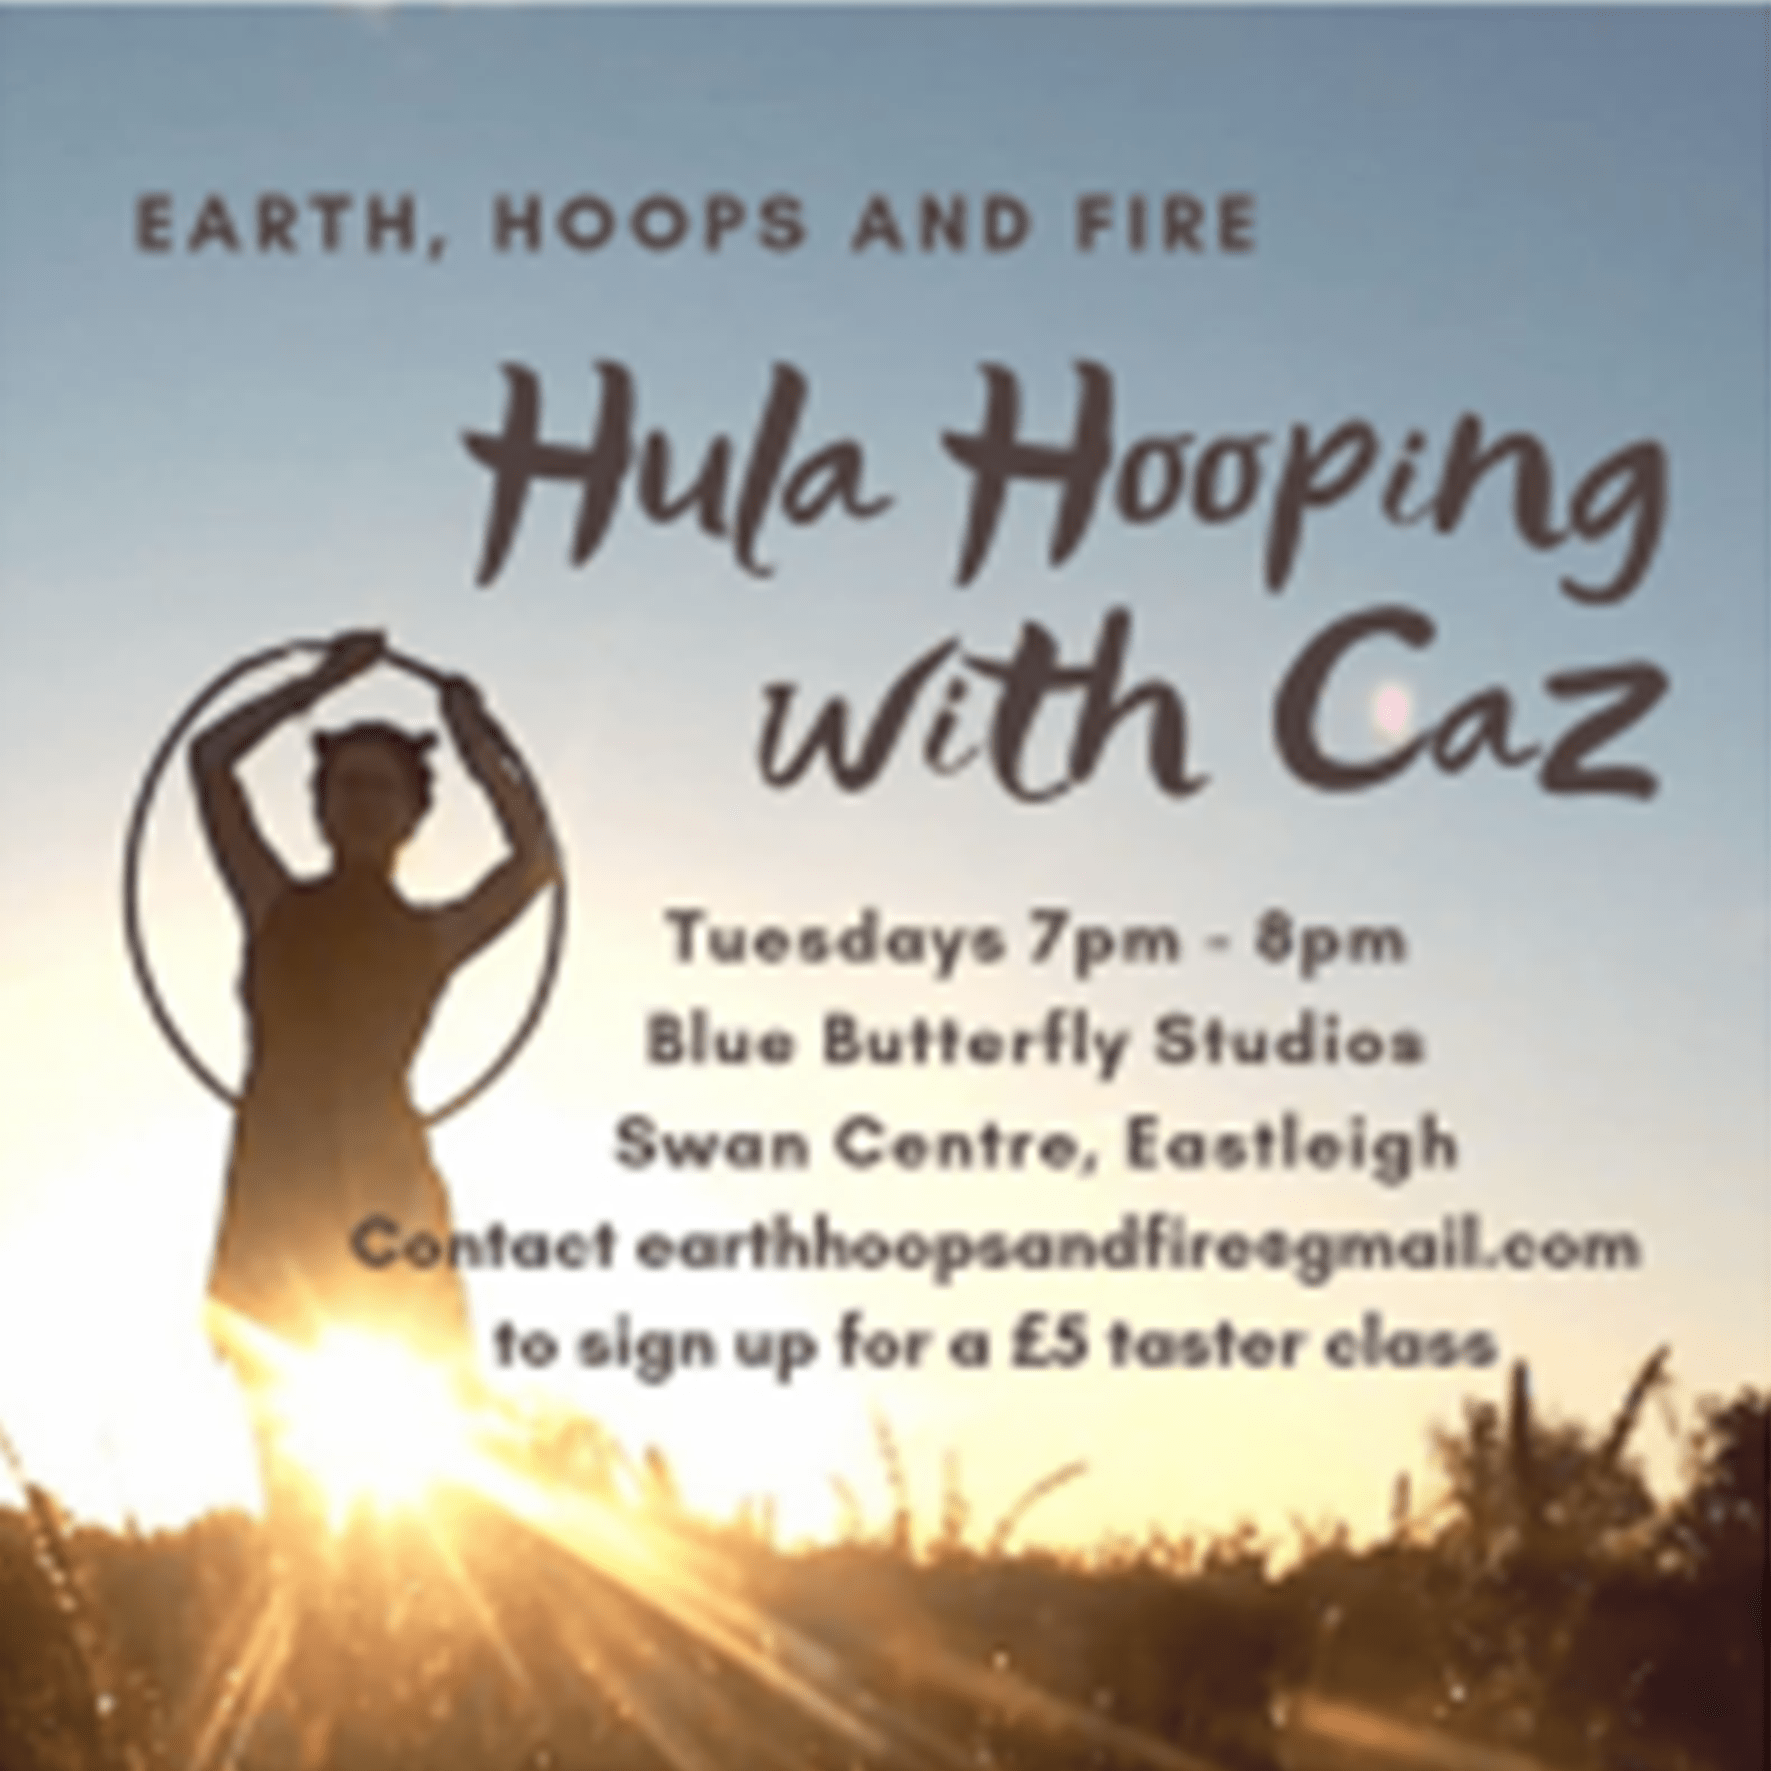 Earth, Hoops & Fire